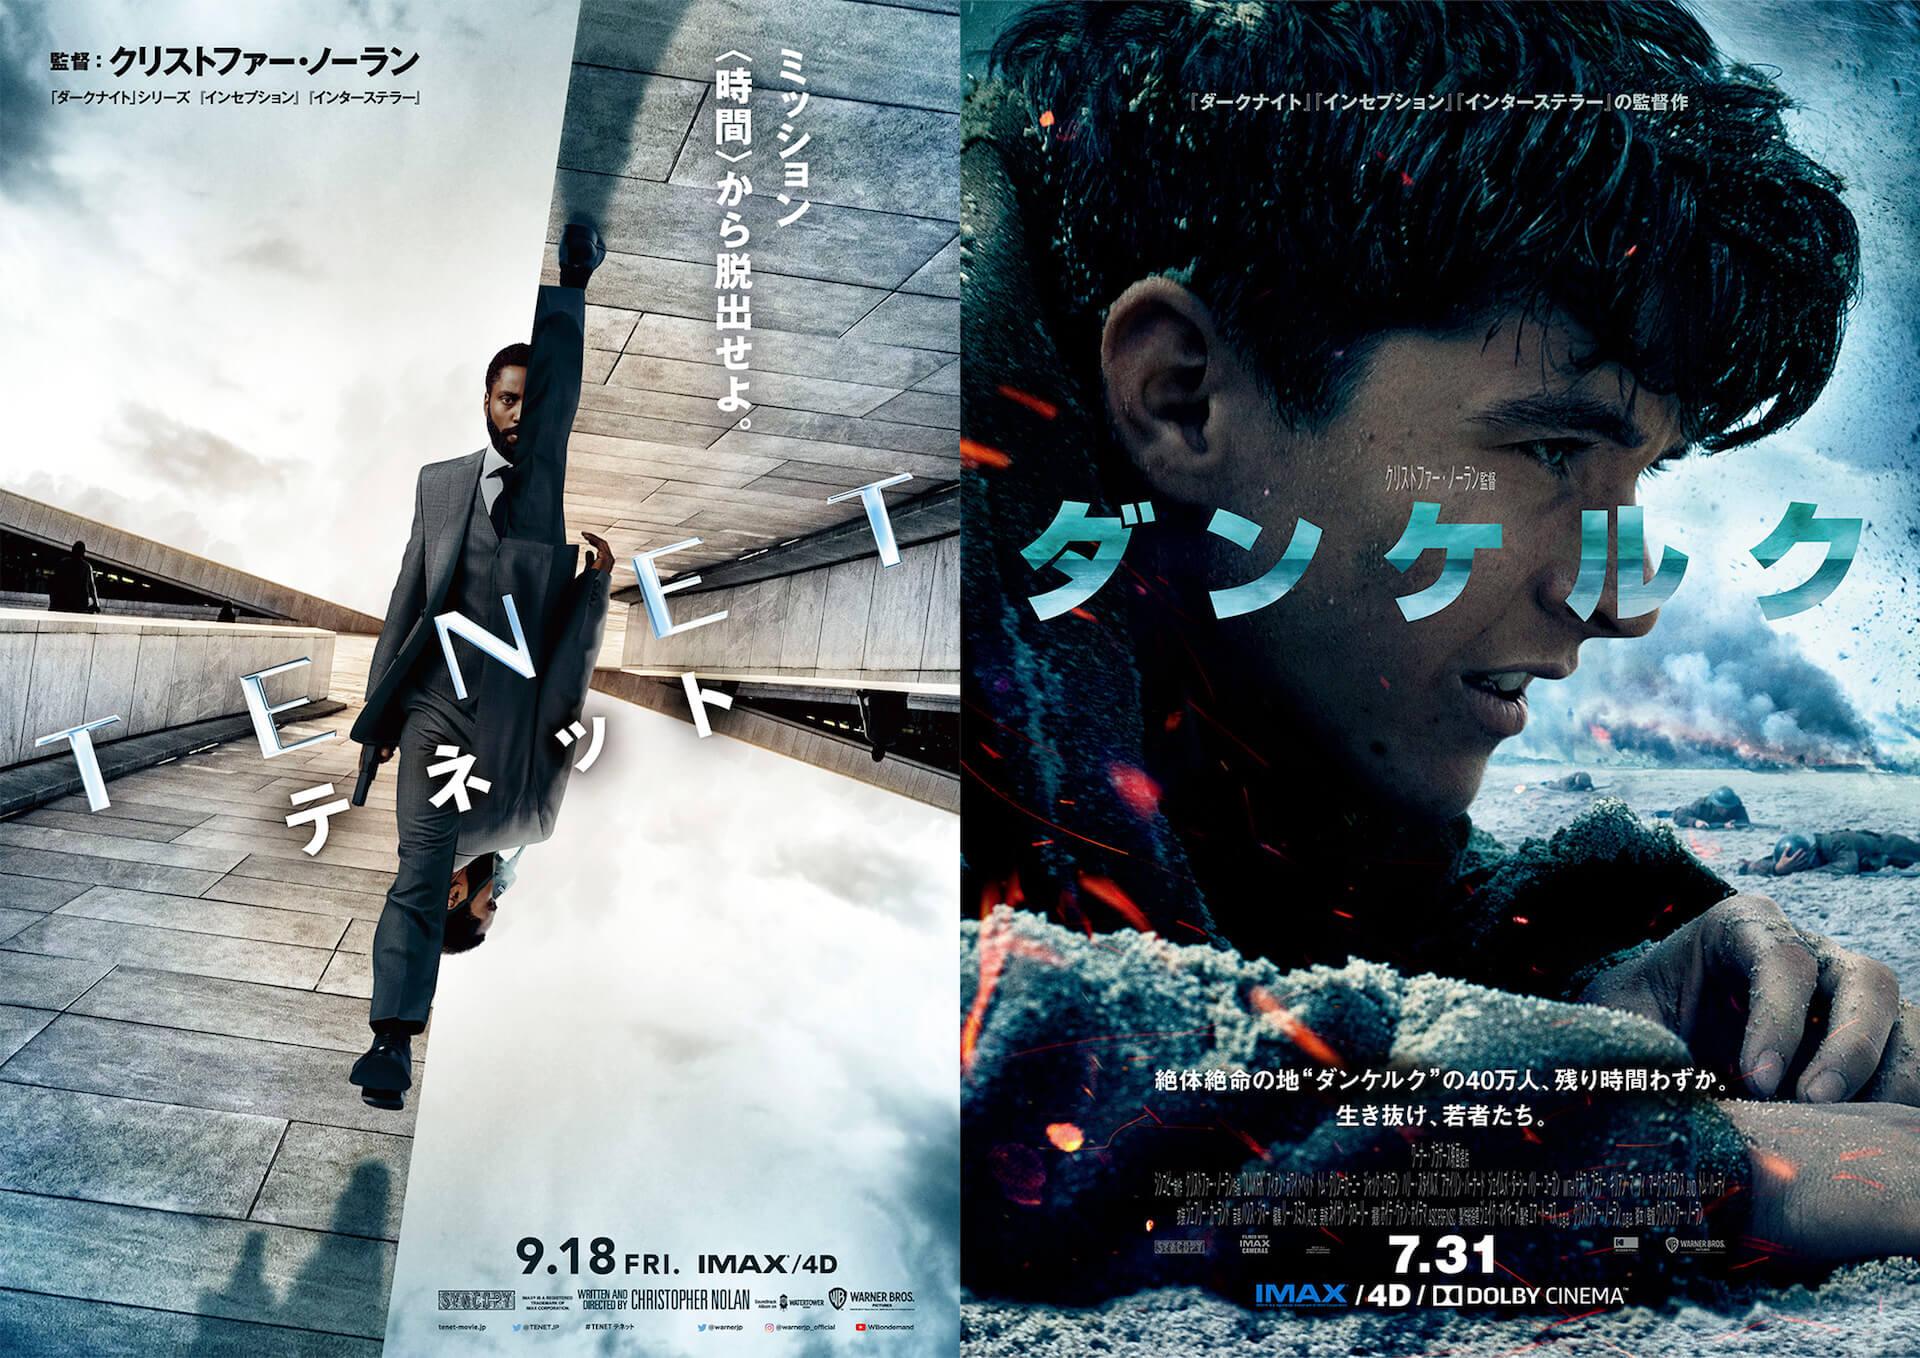 『ダークナイト』に続き『ダンケルク』も4D&IMAXで上映決定!クリストファー・ノーラン最新作『TENET テネット』公開間近 film200717_tenet_dunkirk_2